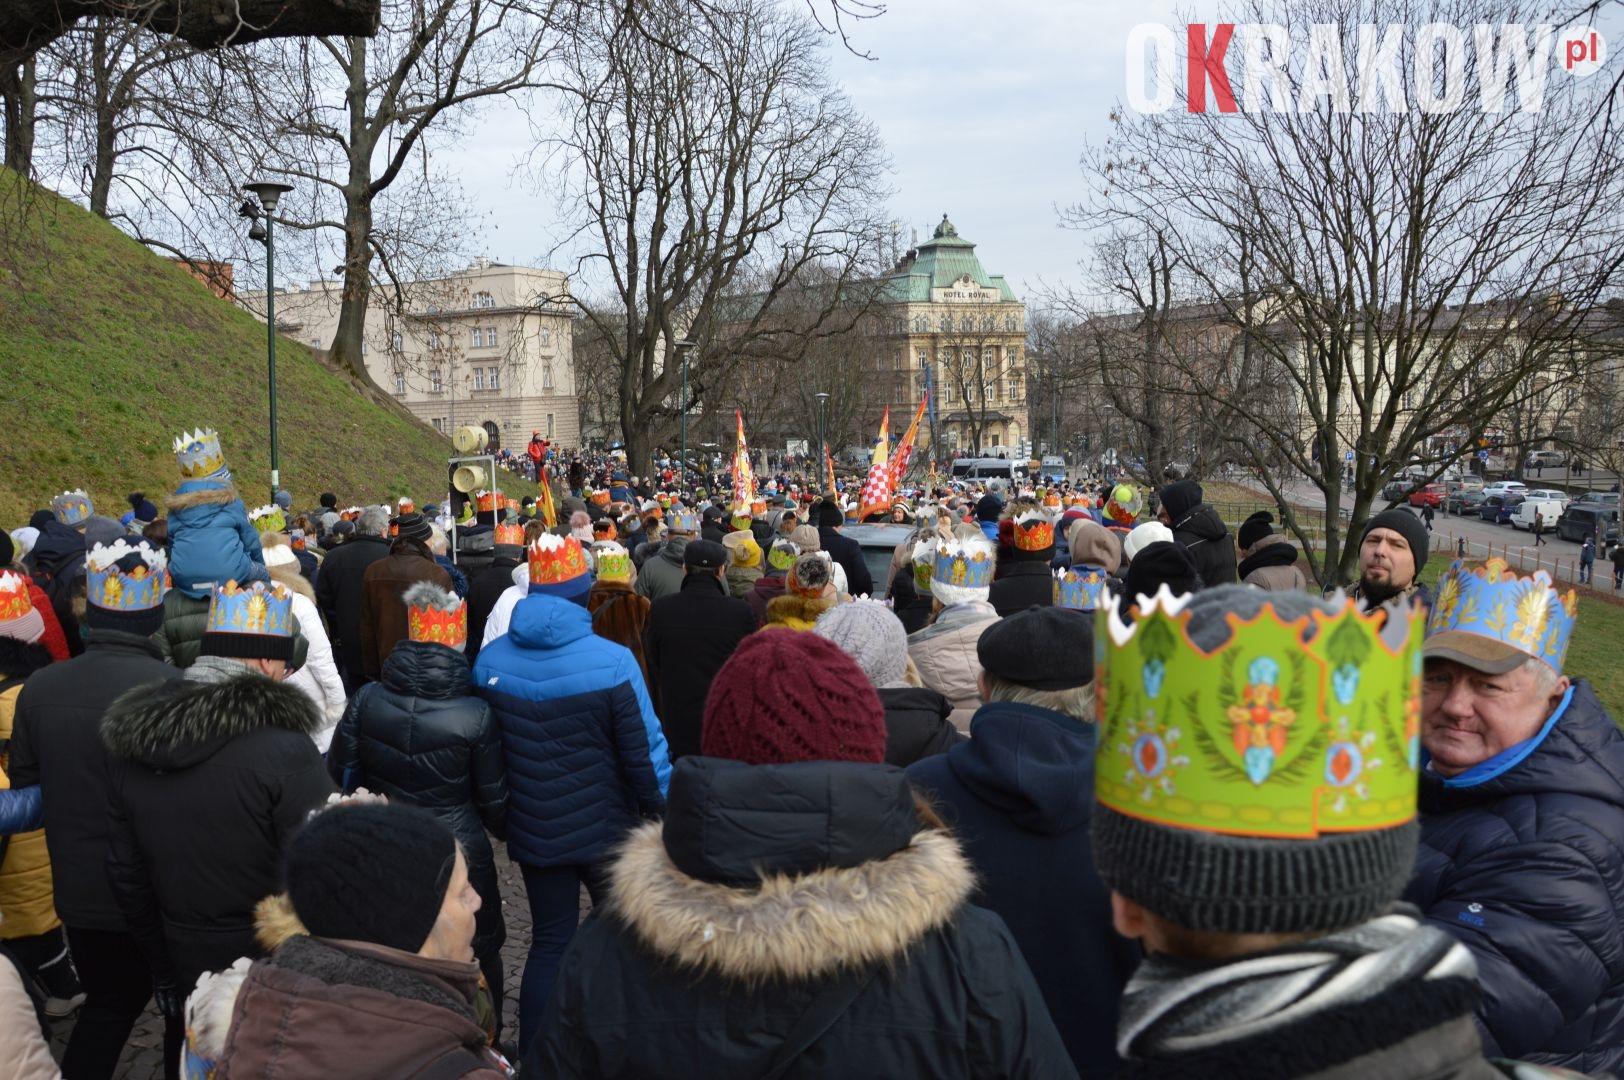 orszak 25 1 150x150 - Orszak Trzech Króli Kraków 2020 Galeria Zdjęć z Orszaku (czerwonego)